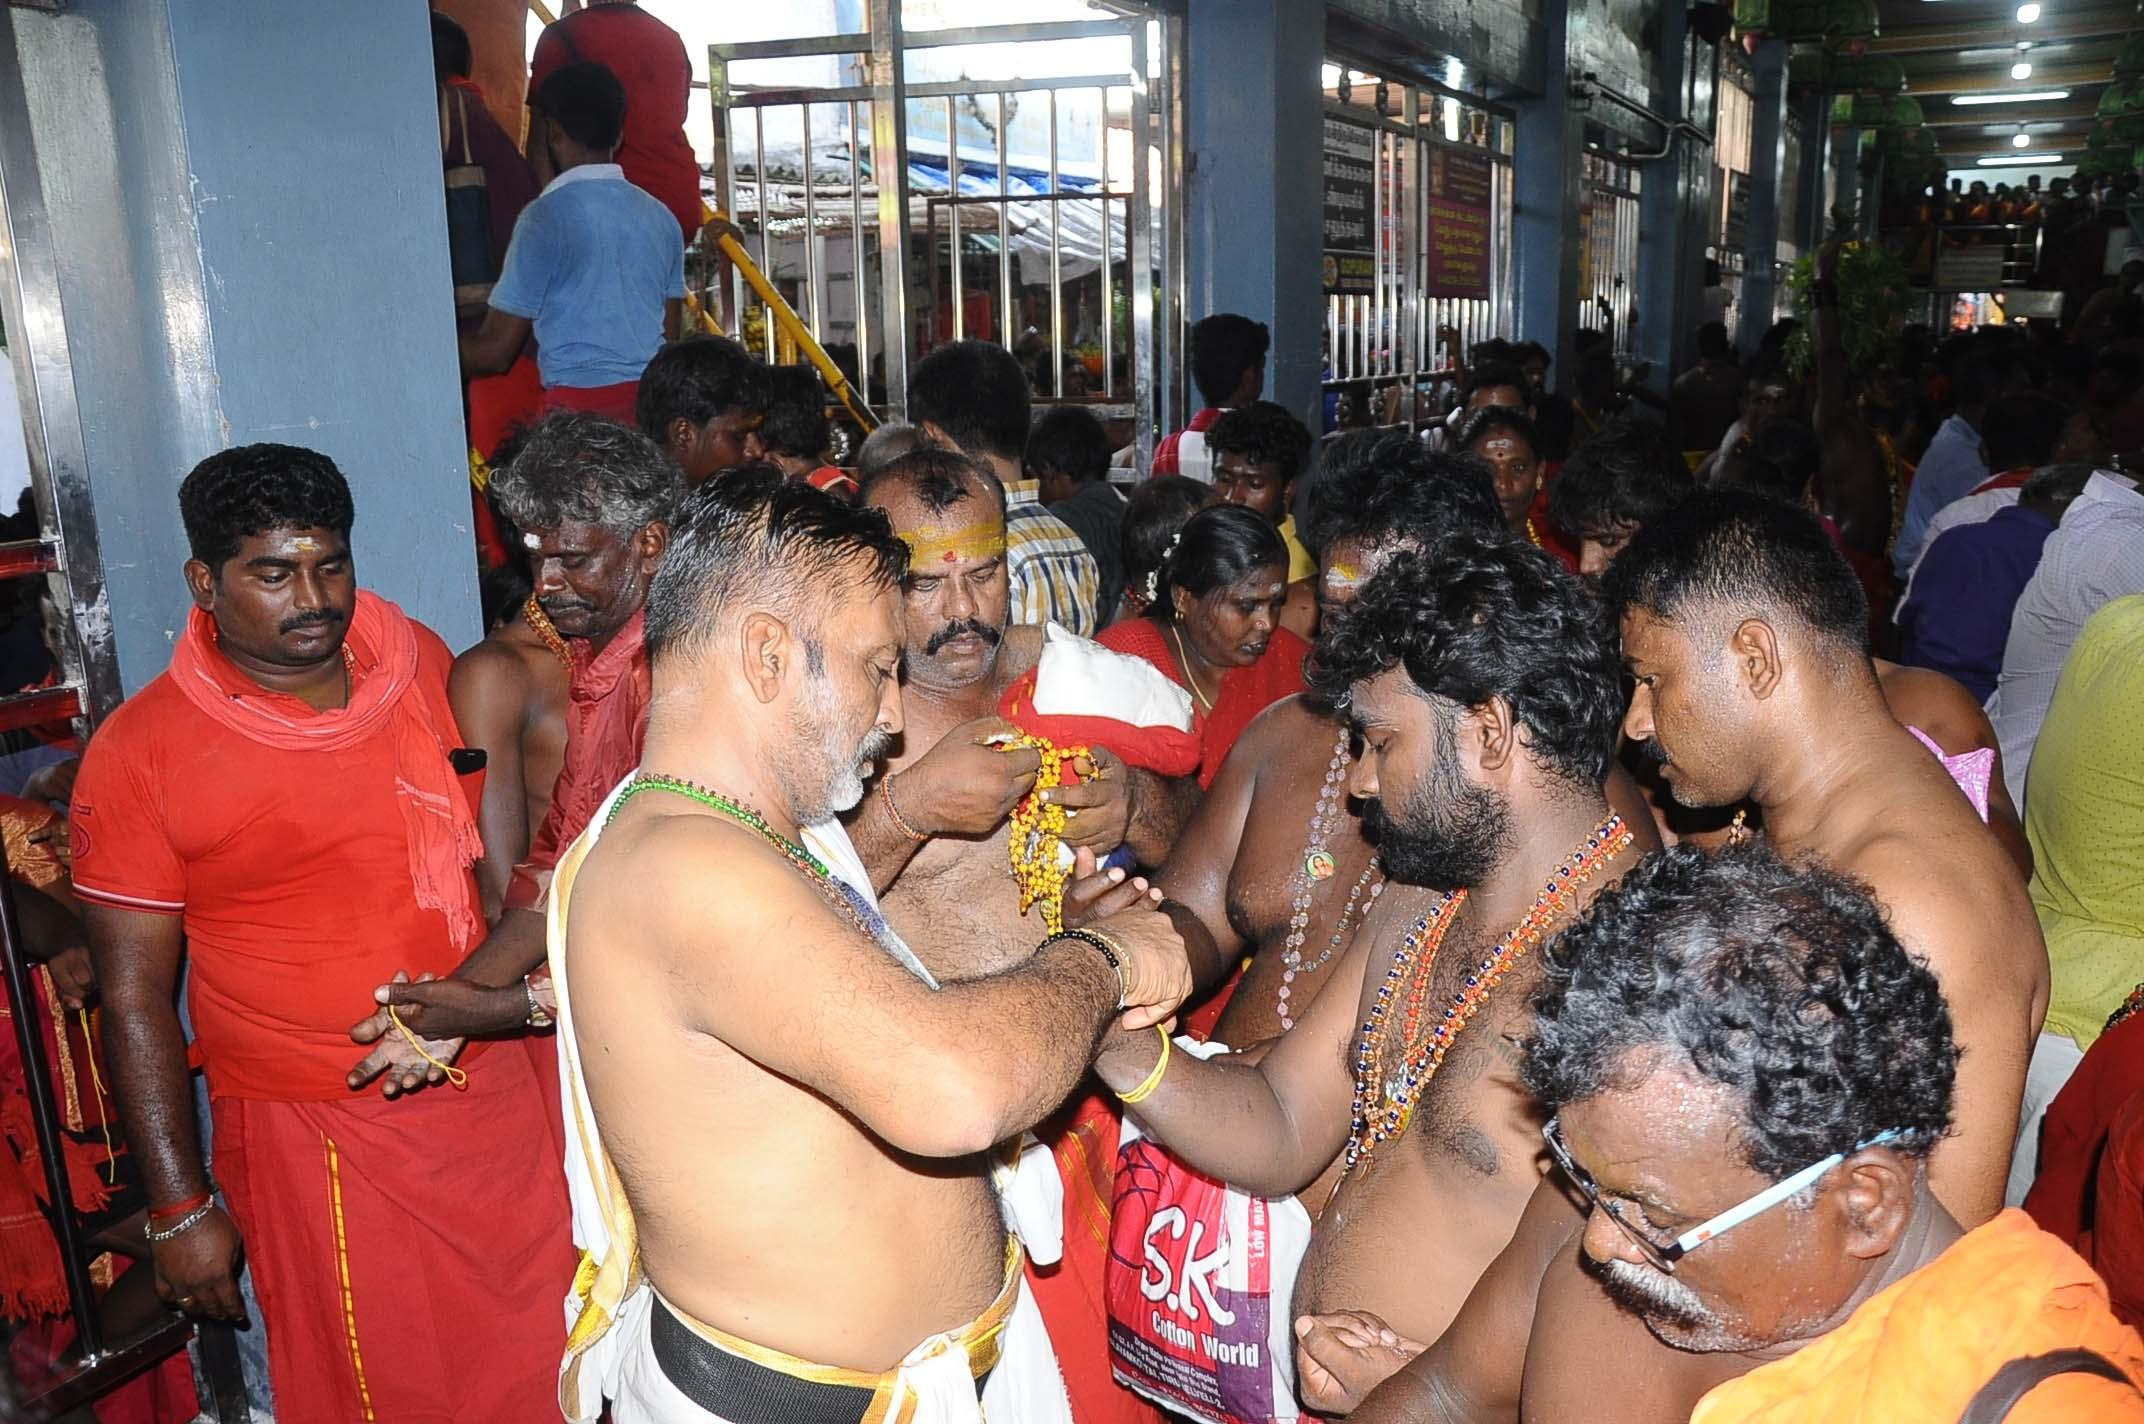 காப்பு கட்டிய வேடமணியும் பக்தர்கள்